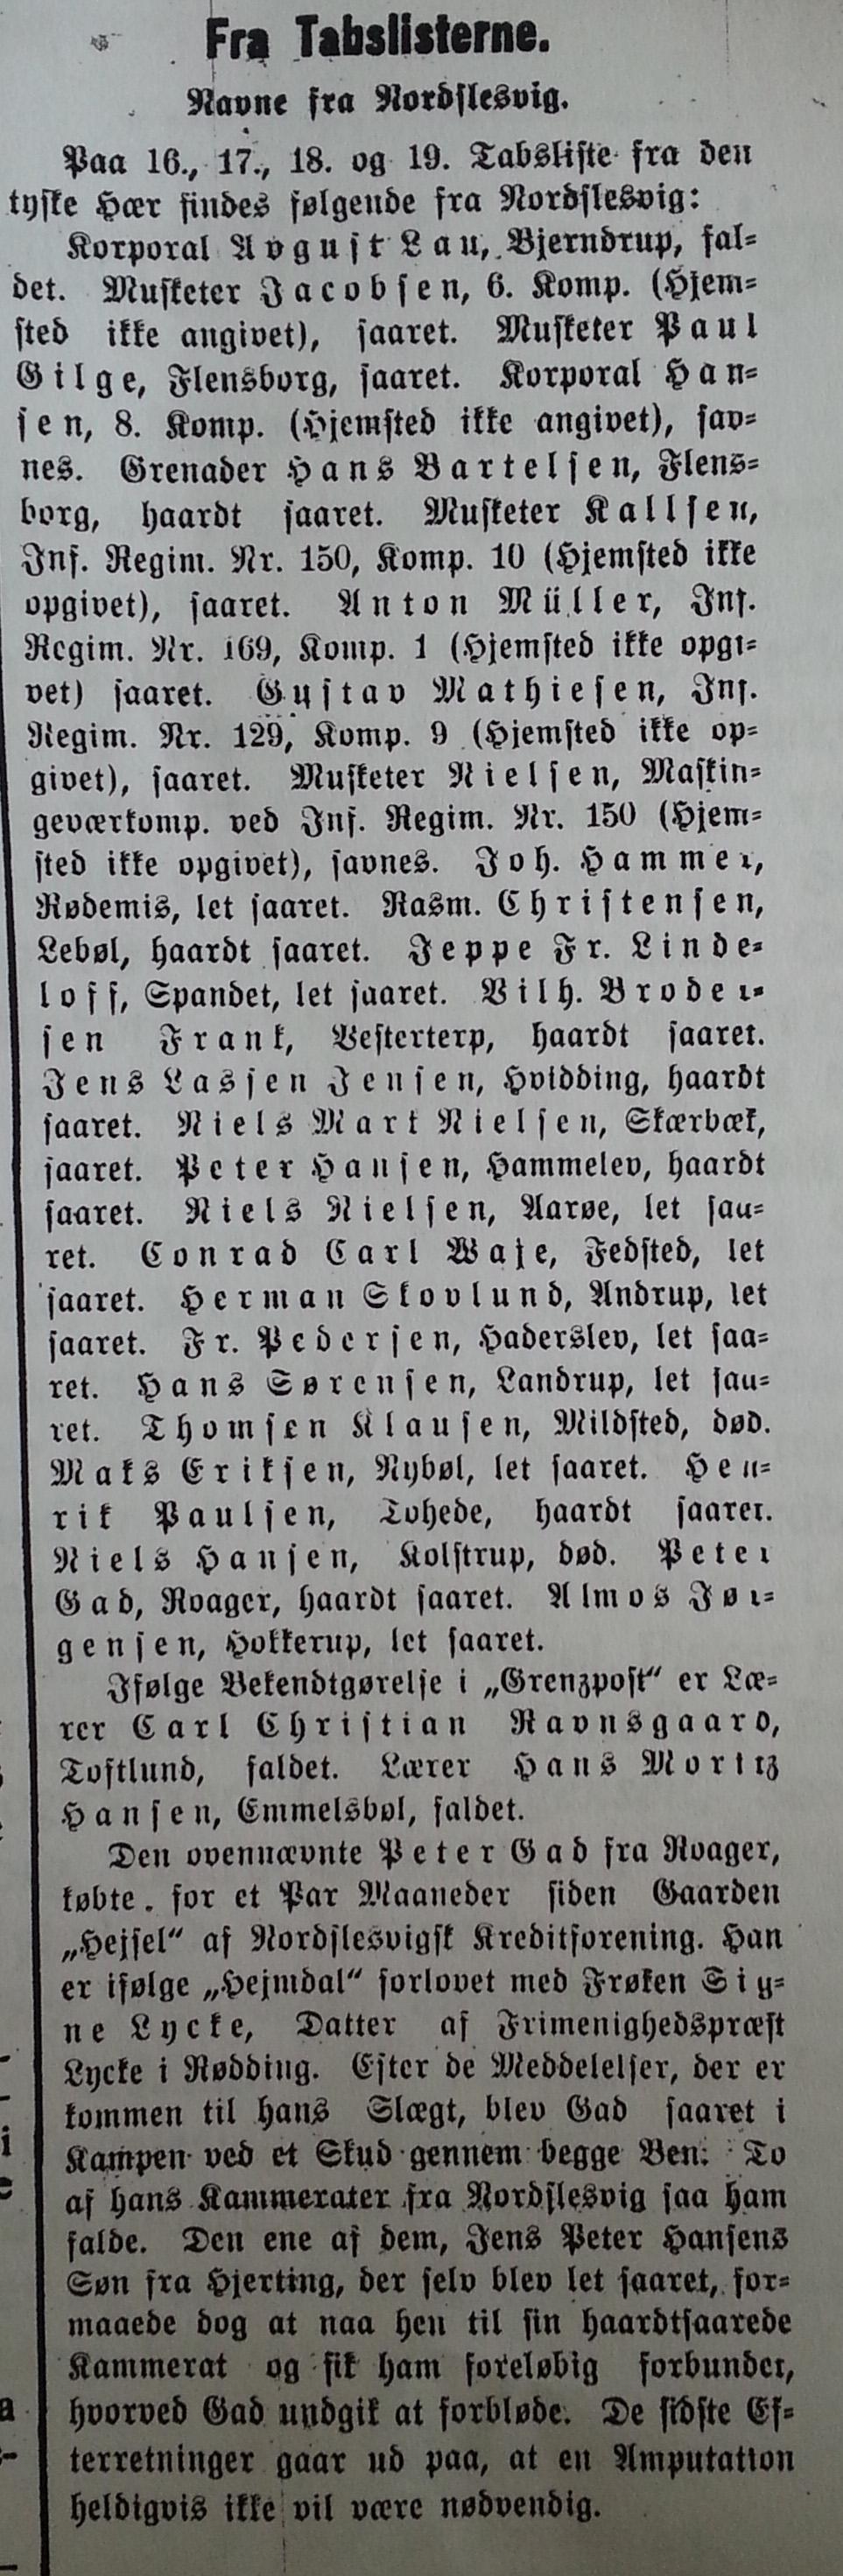 1914-09-11 Tabslister Stiftstidende